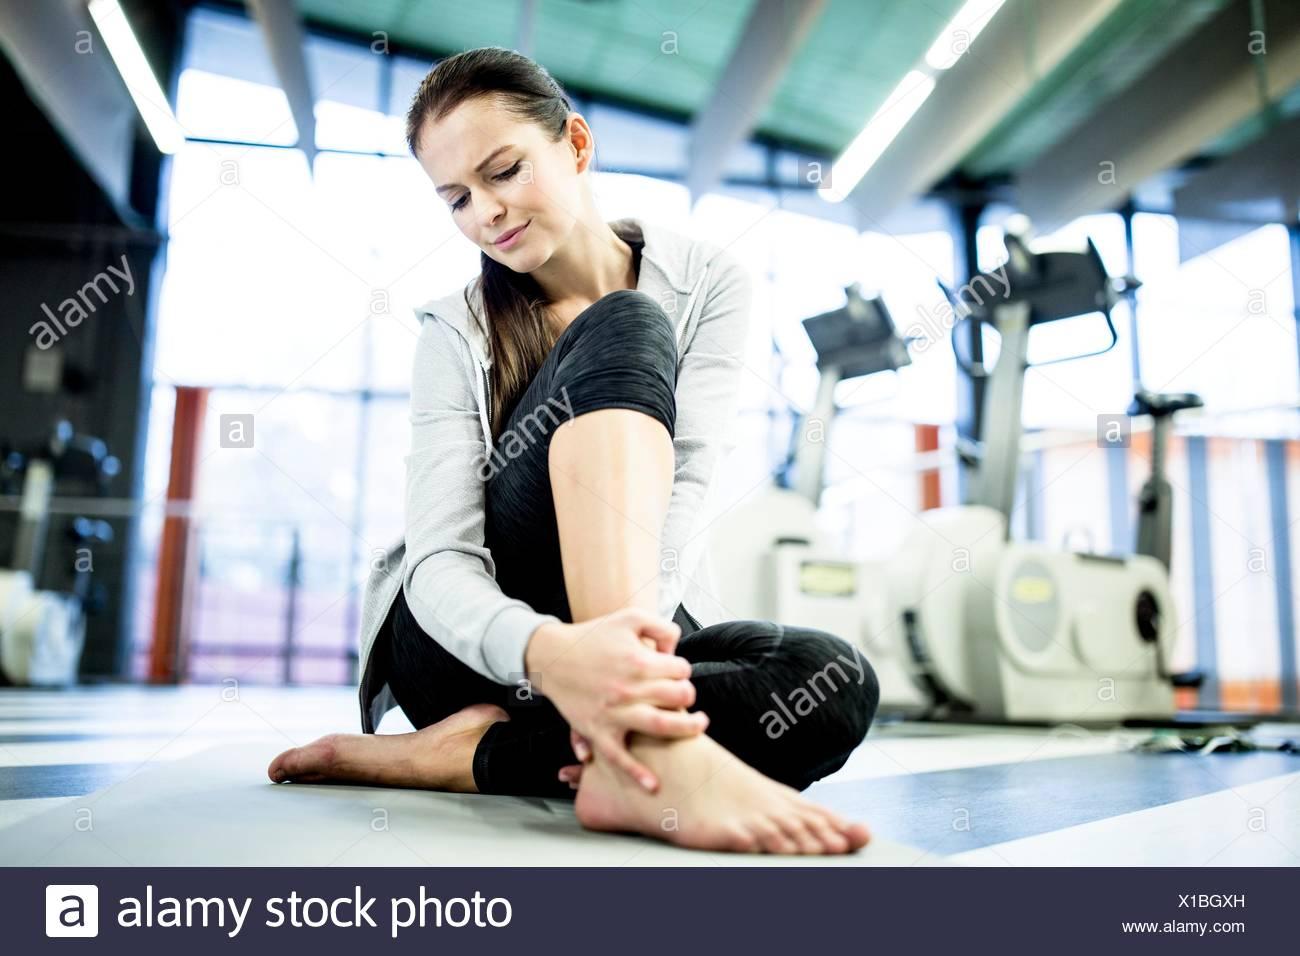 EIGENTUM FREIGEGEBEN. -MODELL VERÖFFENTLICHT. Junge Frau massiert Knöchel bei Schmerzen am Sprunggelenk in Fitness-Studio. Stockbild